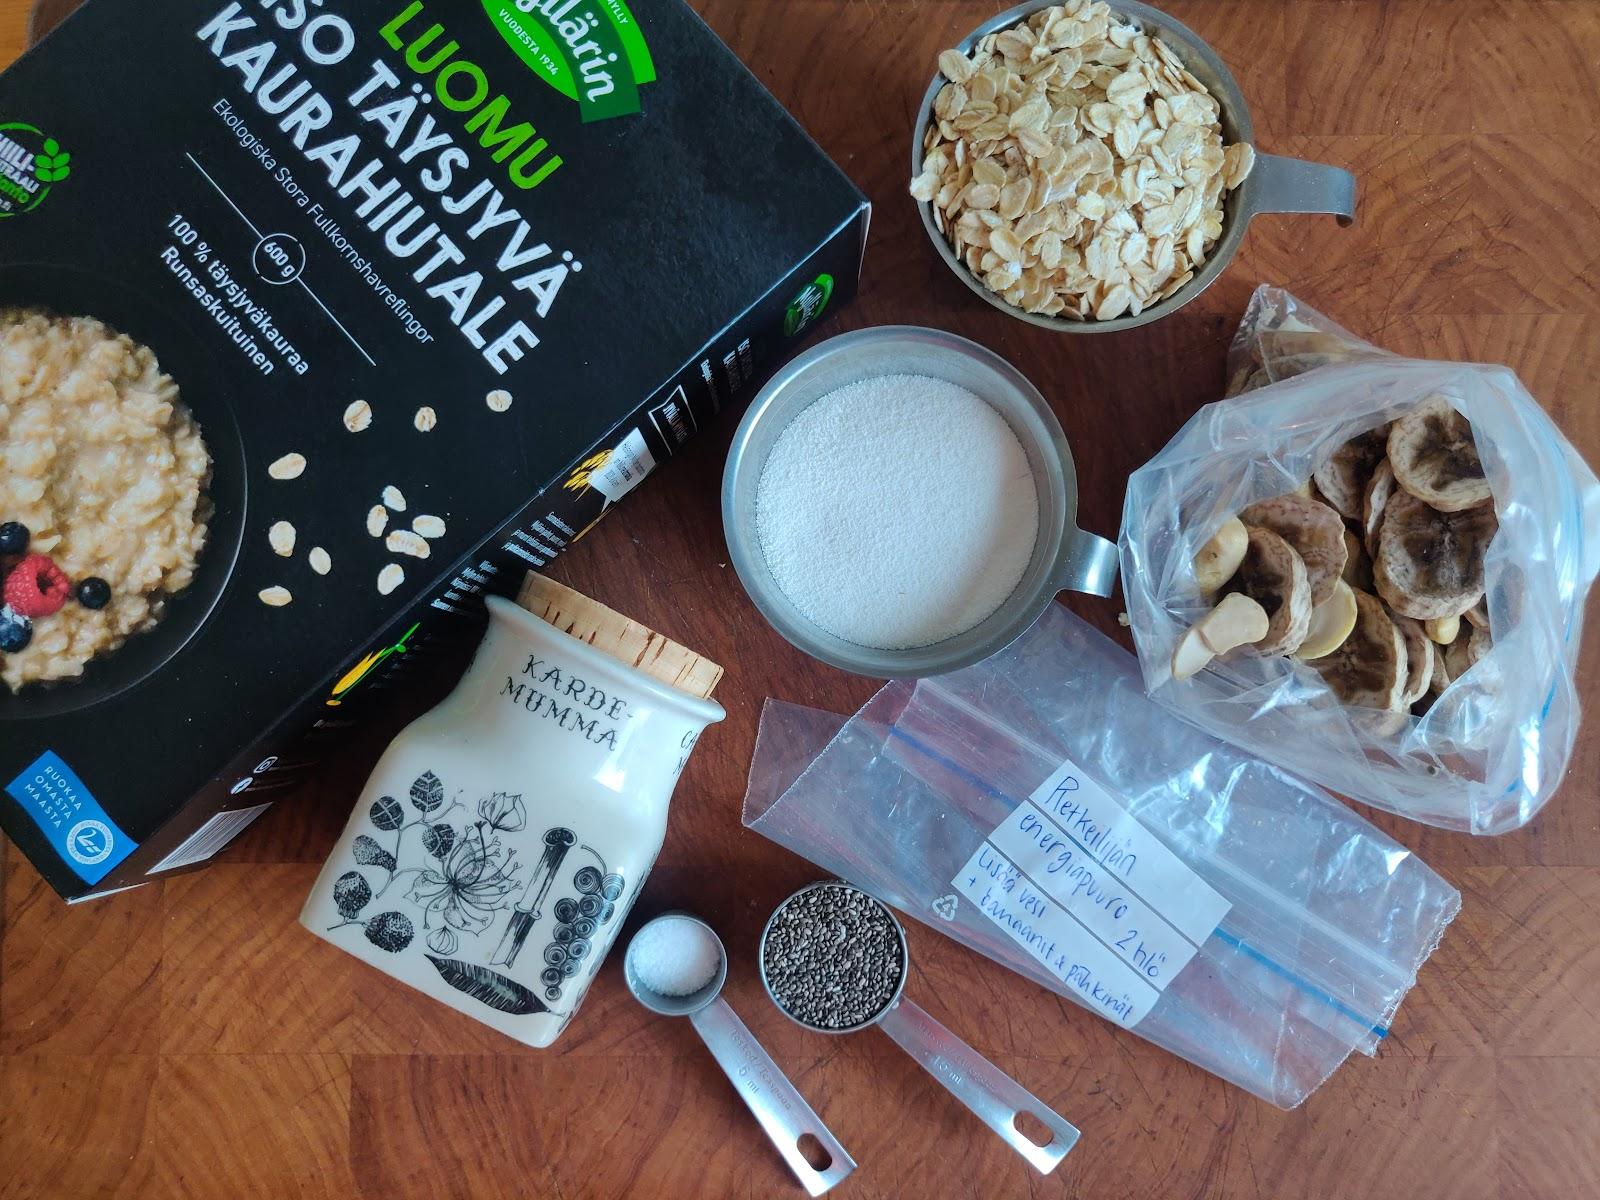 Pakkaa puuron ainekset jo kotona valmiiksi annospussiin. Myllärinkaurahiutaleista keität täyteläisen puuron.